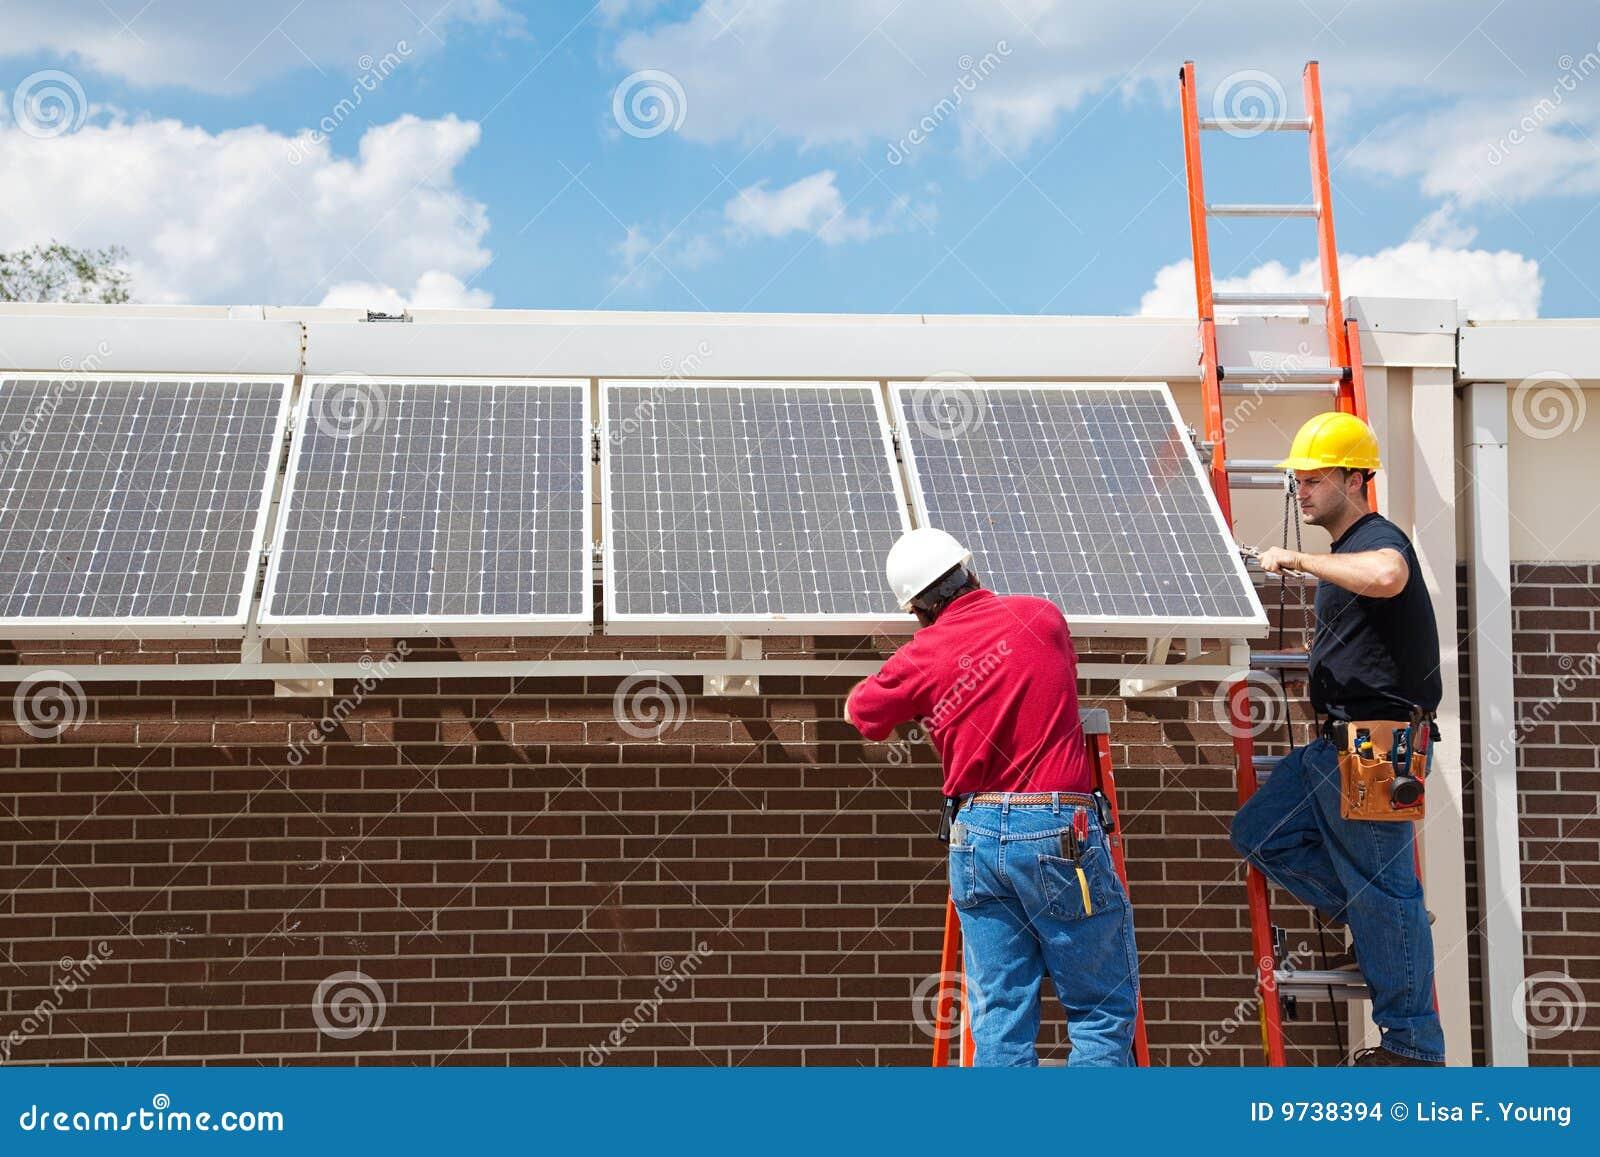 Trabalhos verdes - potência solar